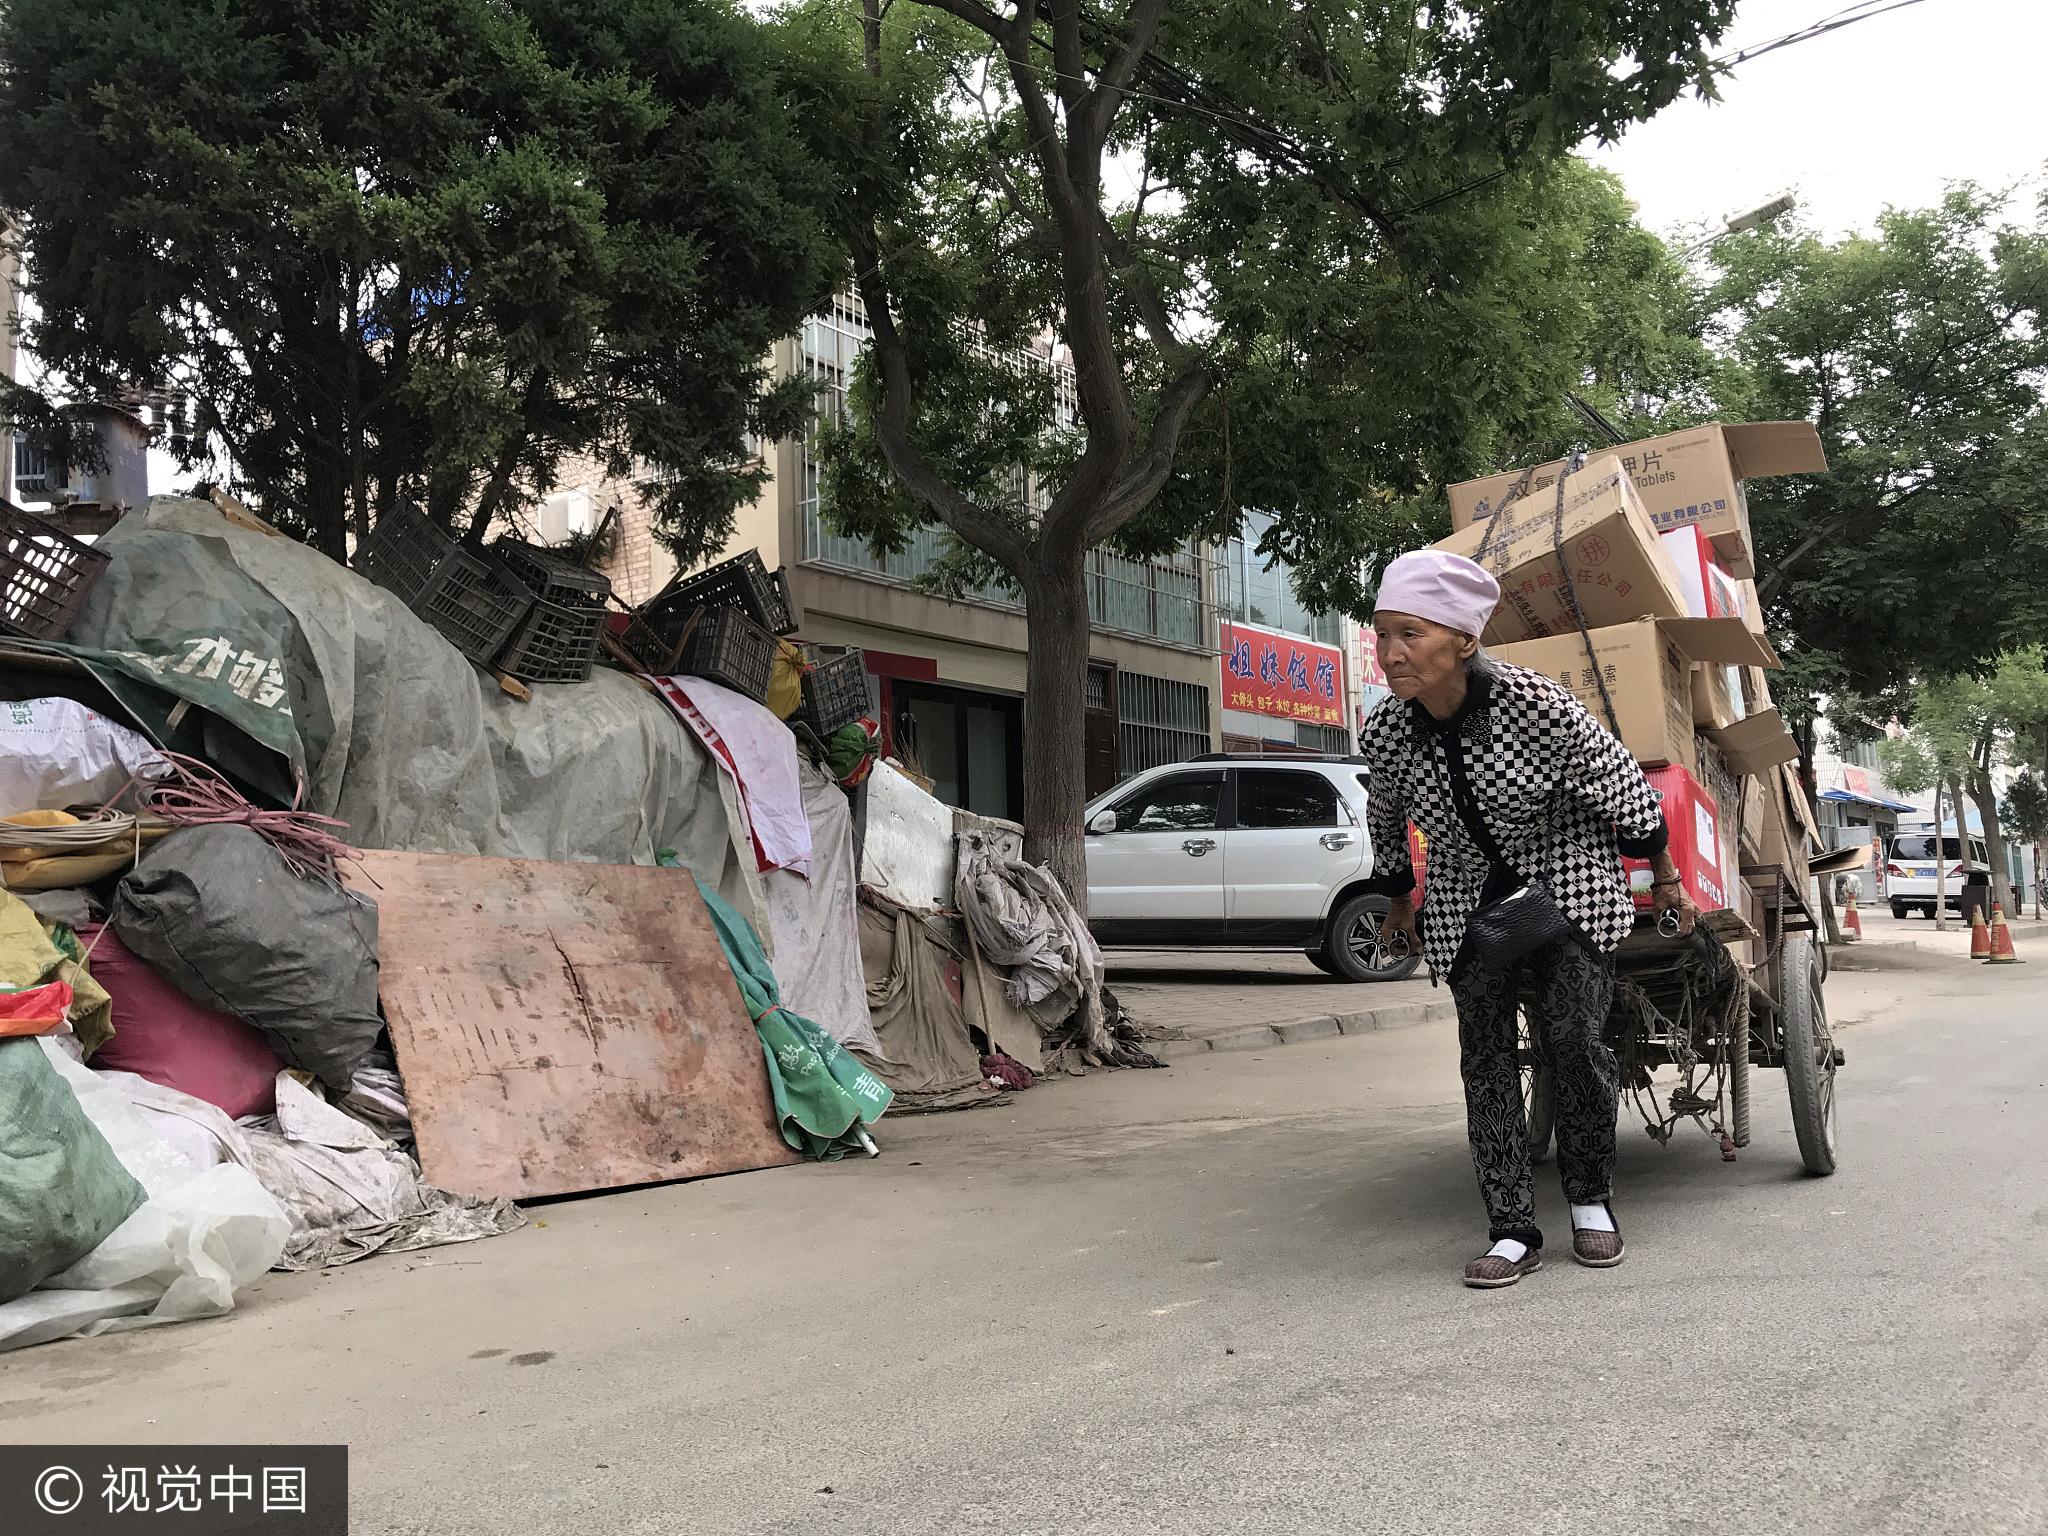 72岁老人蜗居街头9年 捡废品赚钱为儿治病 - 周公乐 - xinhua8848 的博客